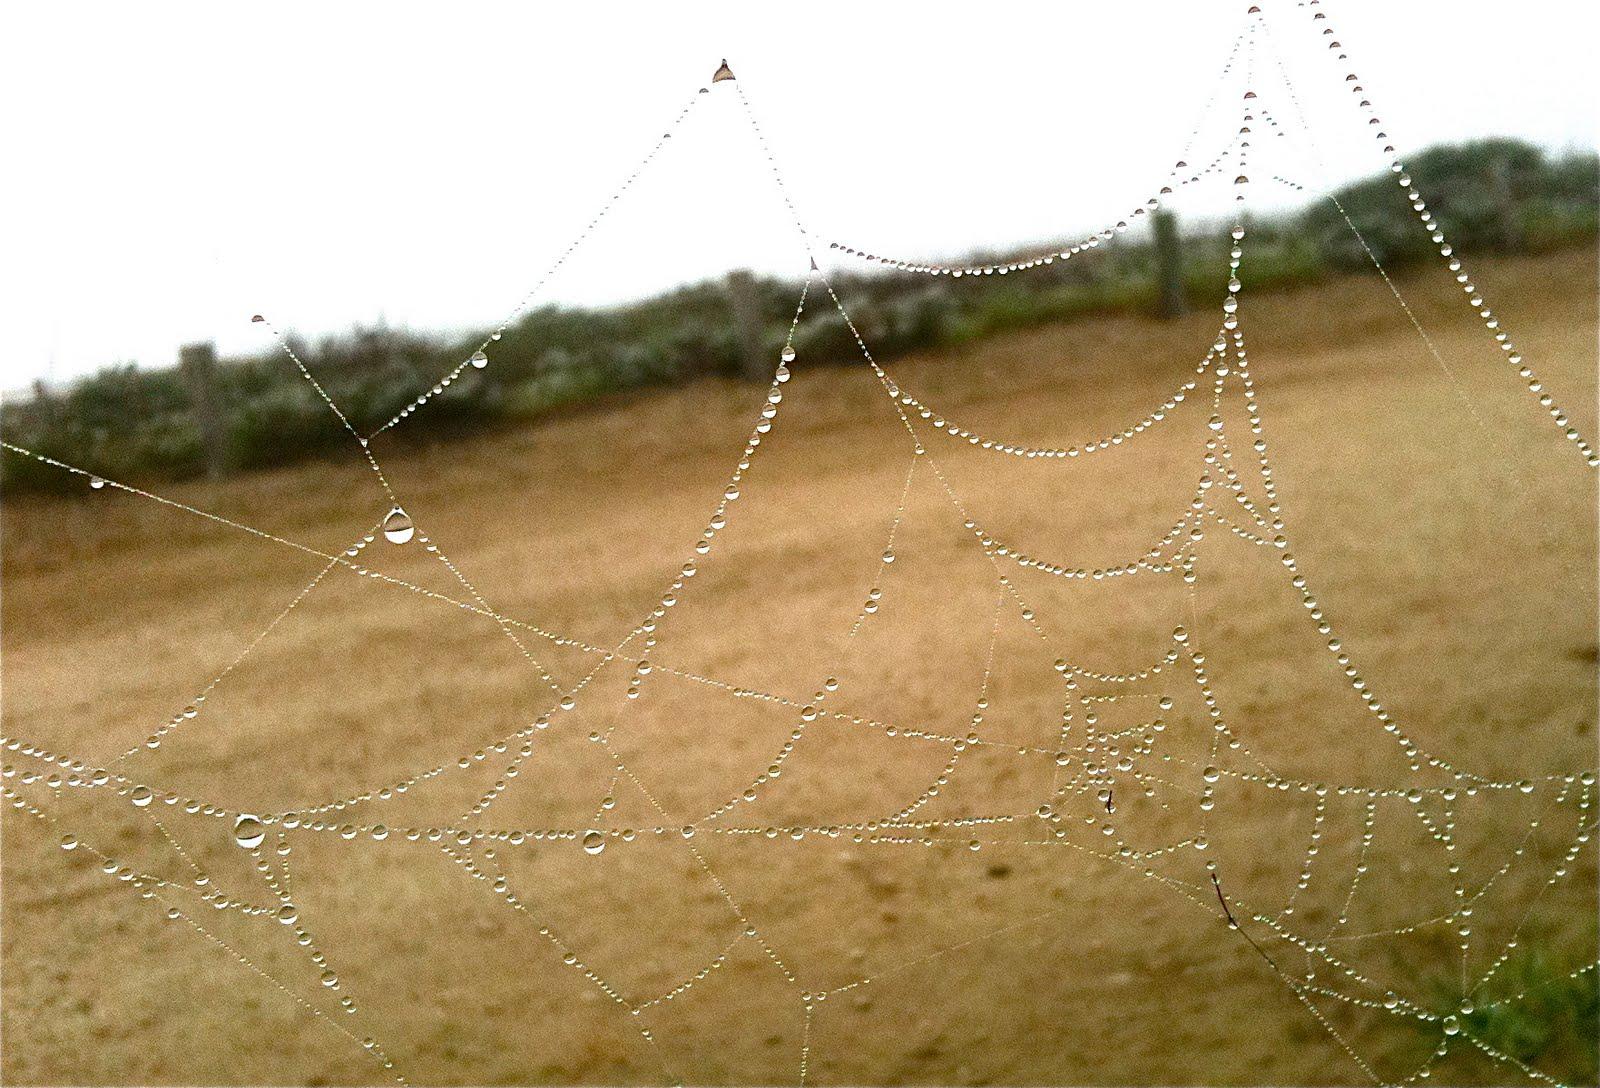 [spider_web.JPG]